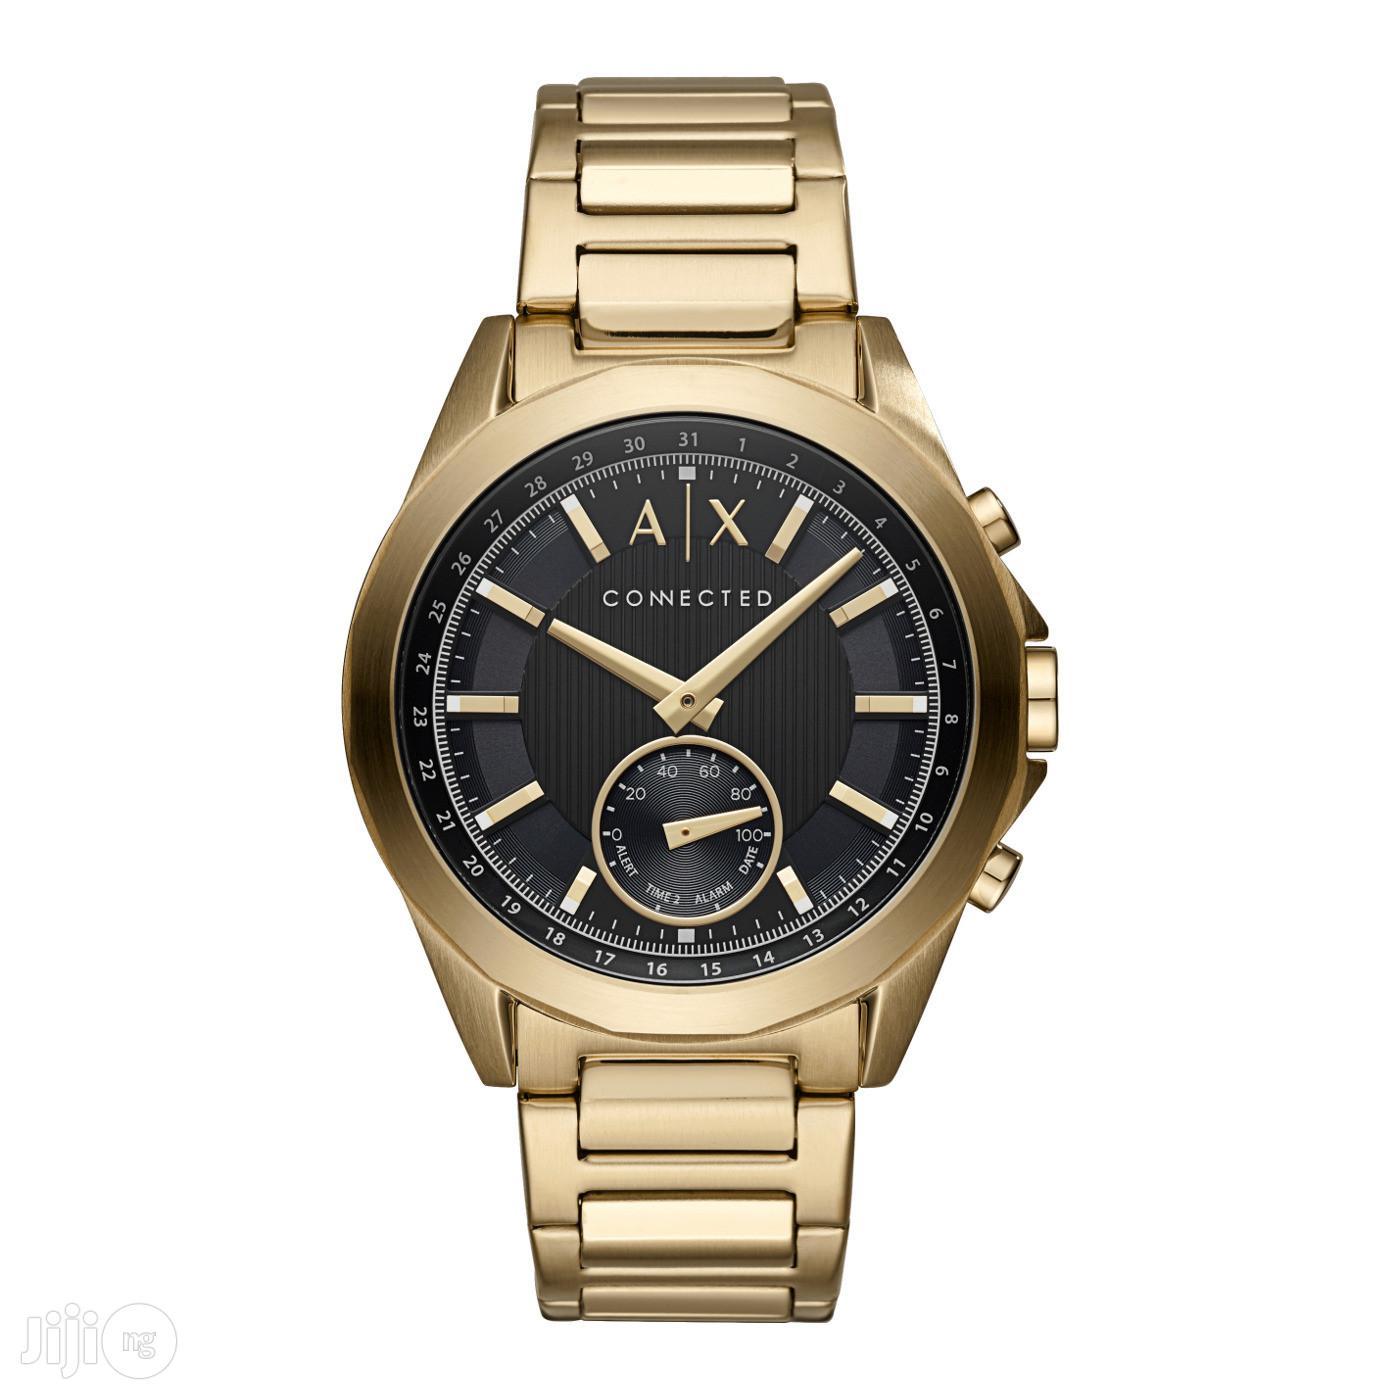 Armani Exchange Hybrid Smart Watch